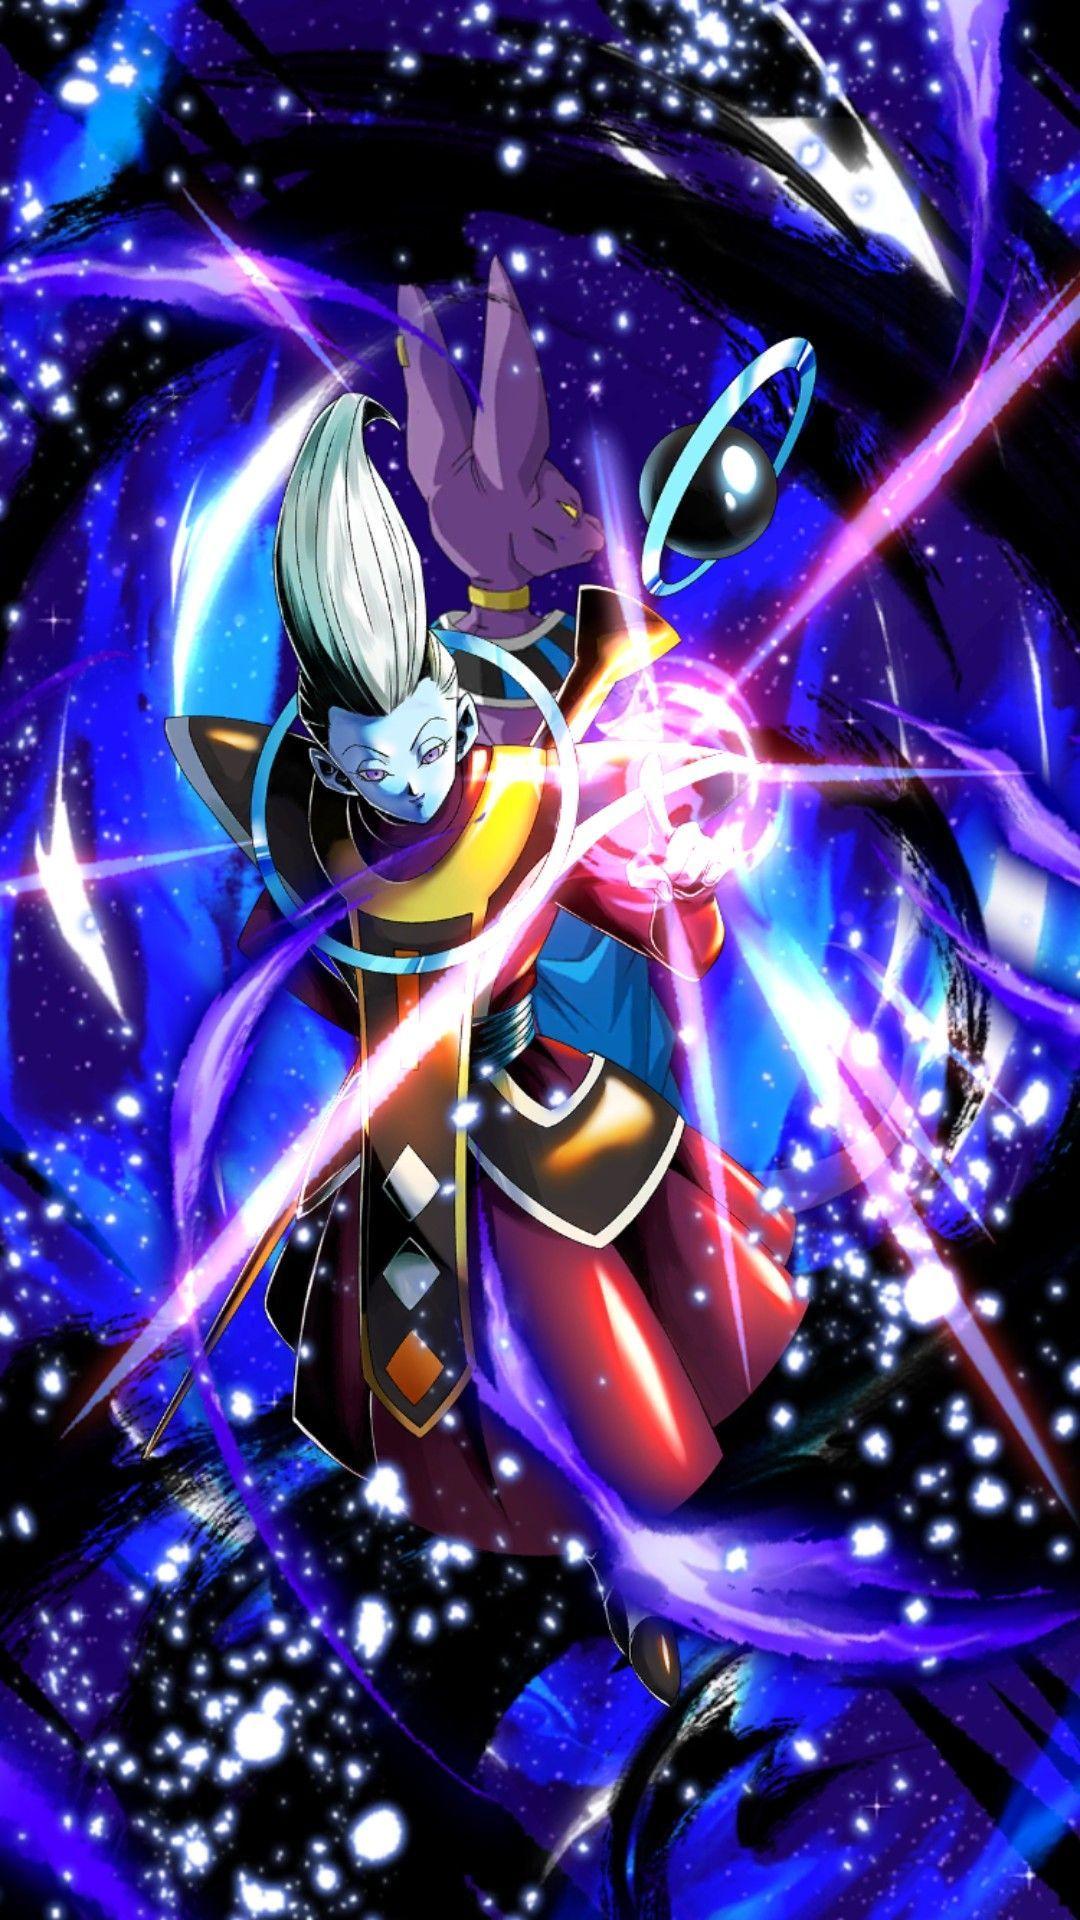 Whis Y Beerus Dragon Ball Z Batalla De Los Dioses Primera Aparicion Personajes De Dragon Ball Personajes De Goku Dragones